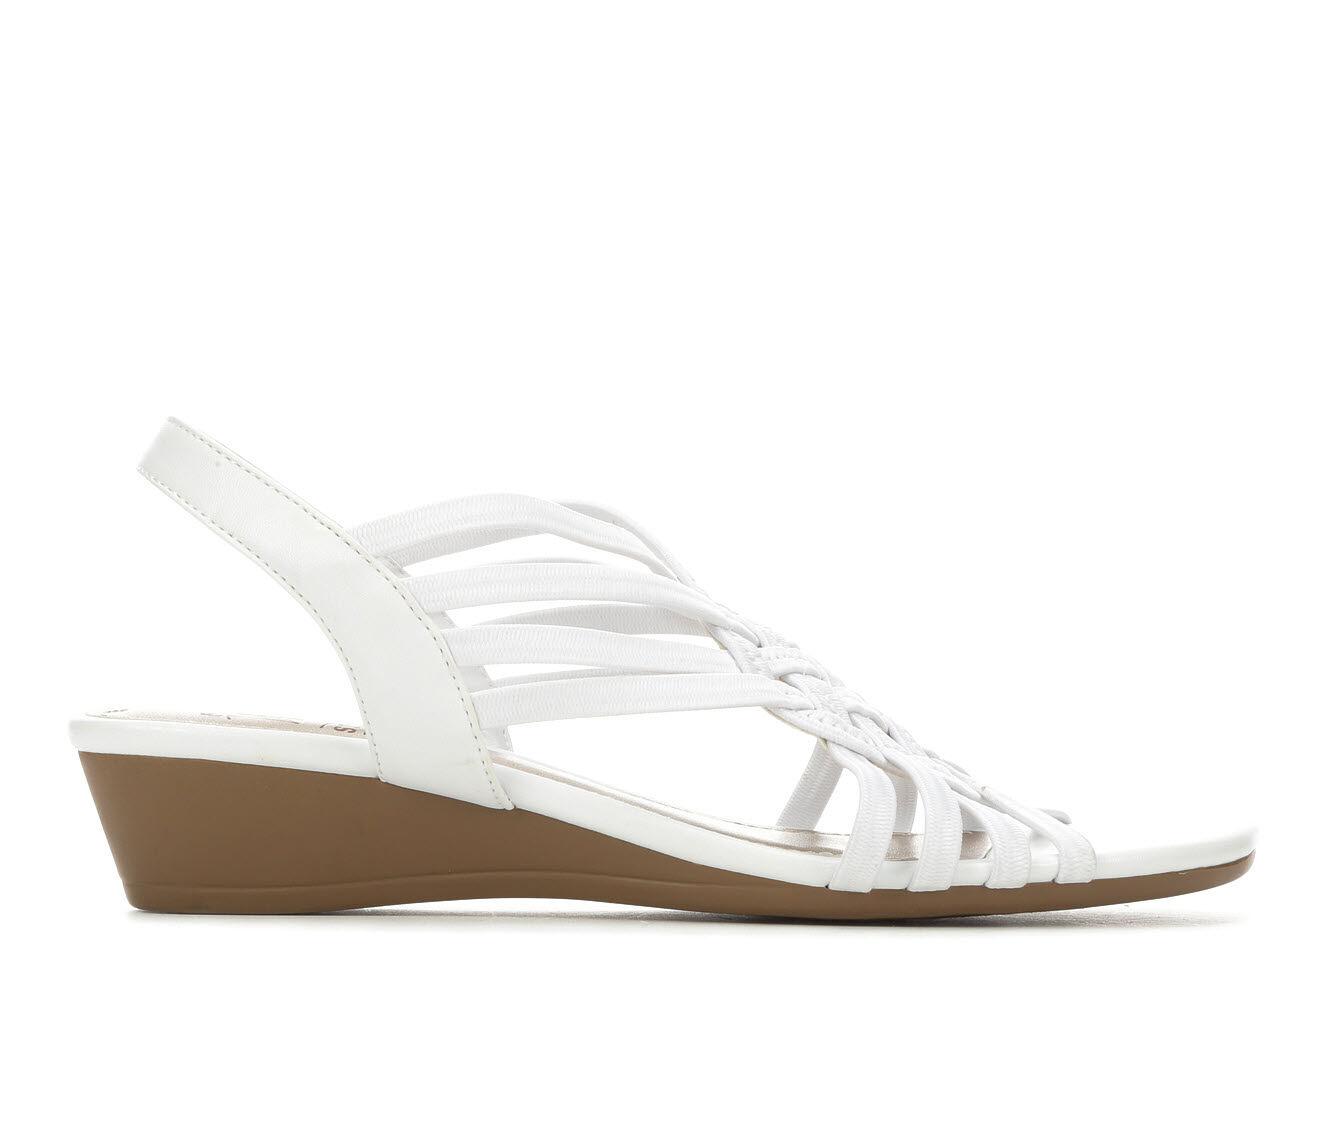 Women's Impo Rosia Strappy Sandals White